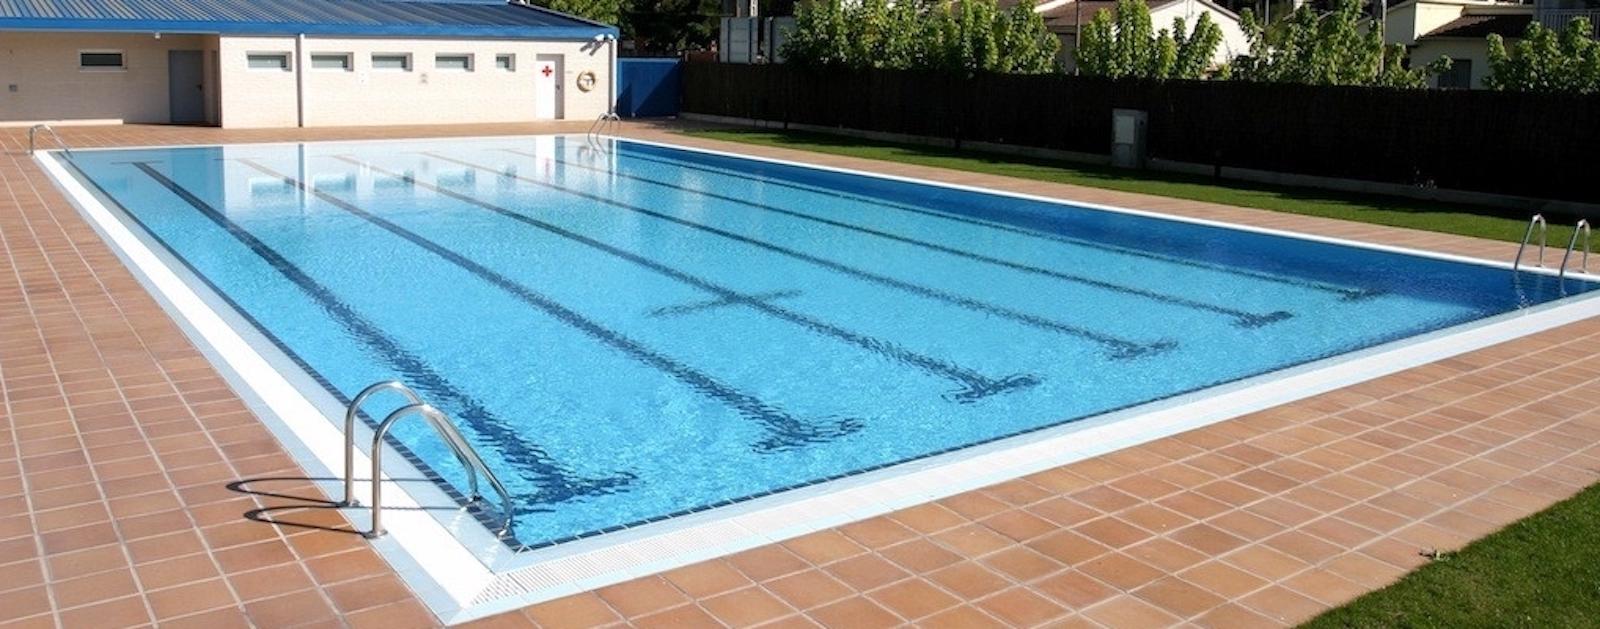 Reixa perimetral AstralPool per a piscina desbordant